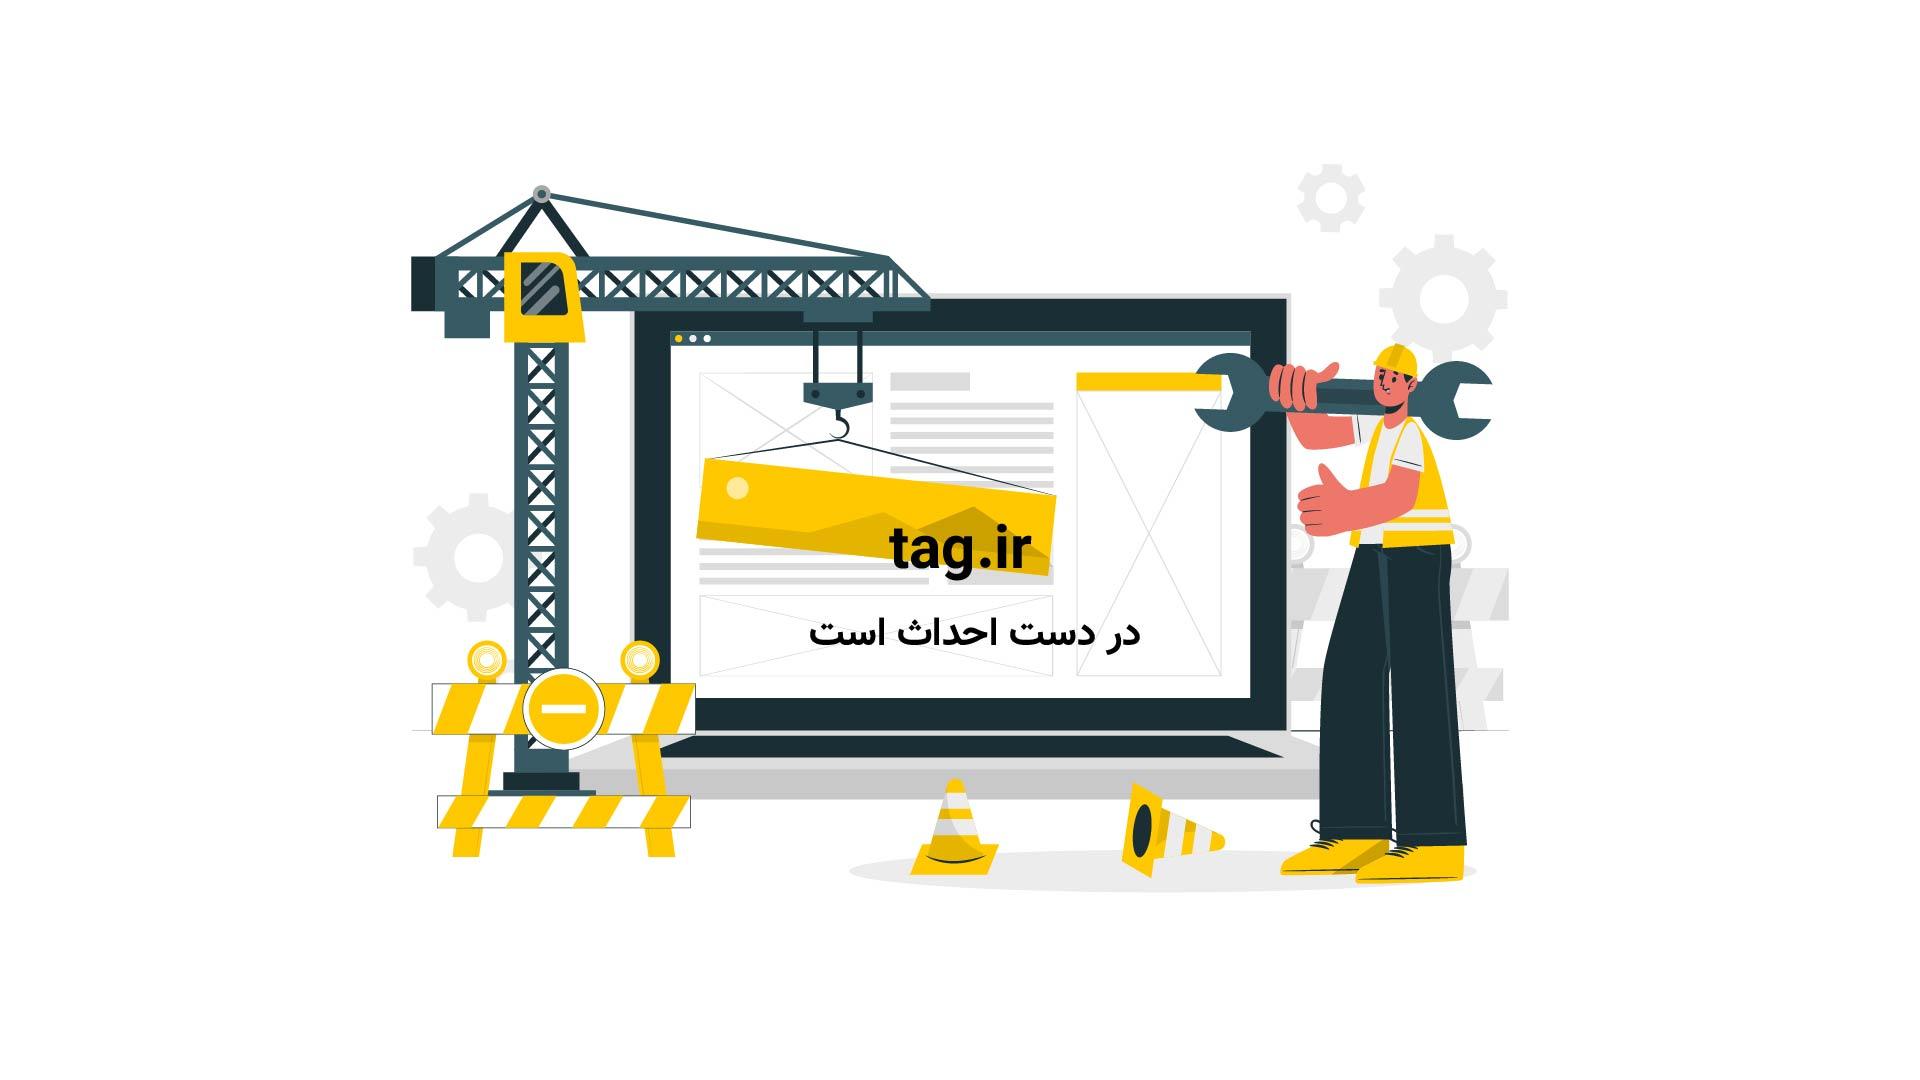 فیلم | گشت و گذار در بخش قدیمی شهر استکهلم